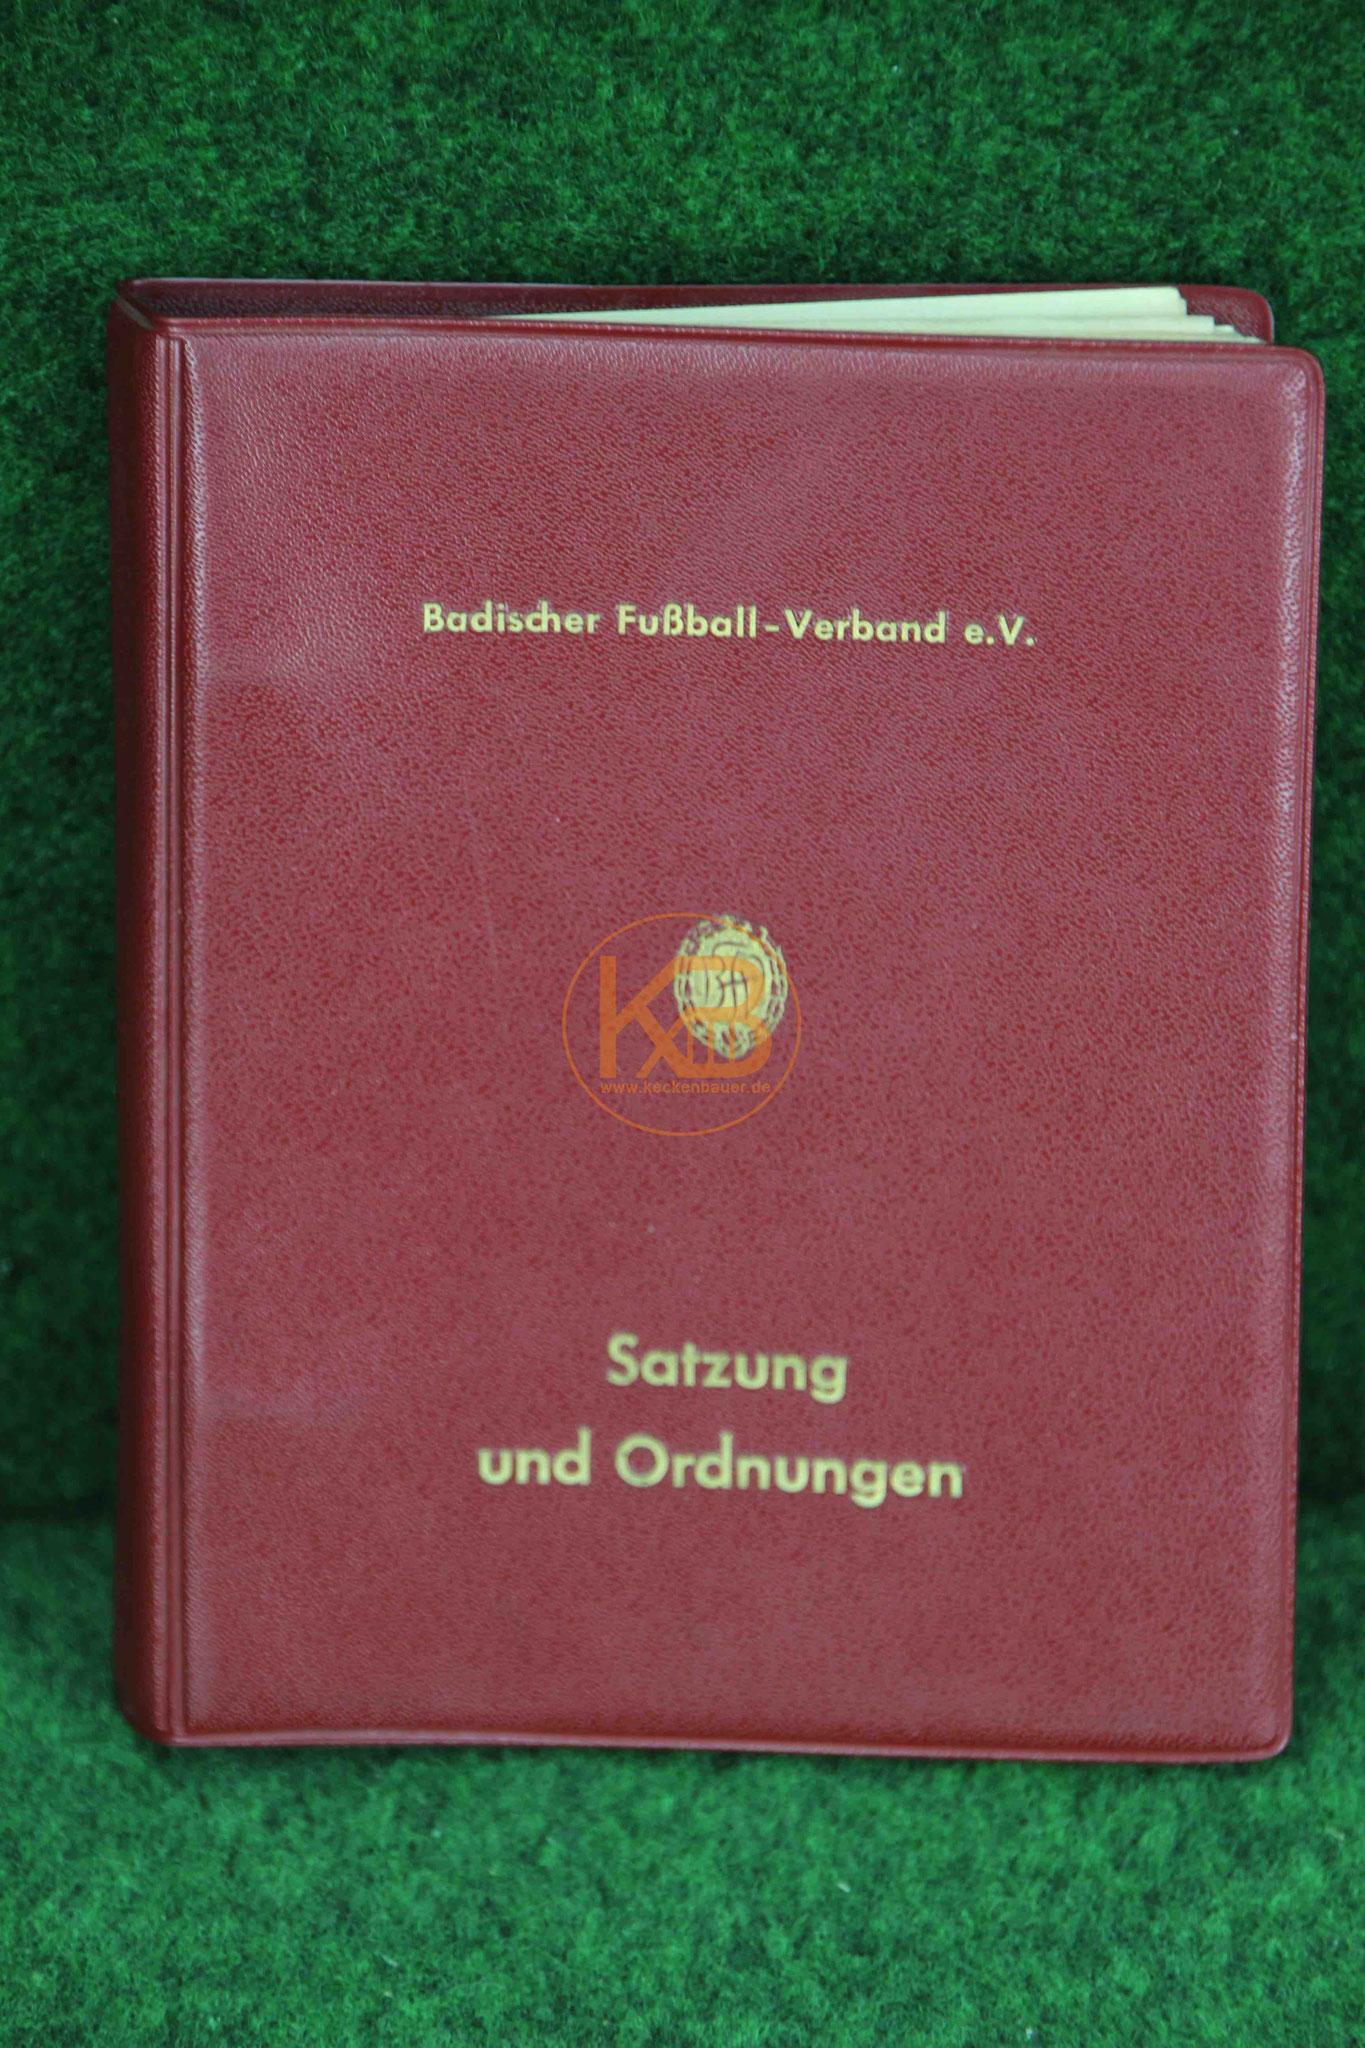 Badischer Fußballverband Fußball Satzung und Ordnungen ca.1959